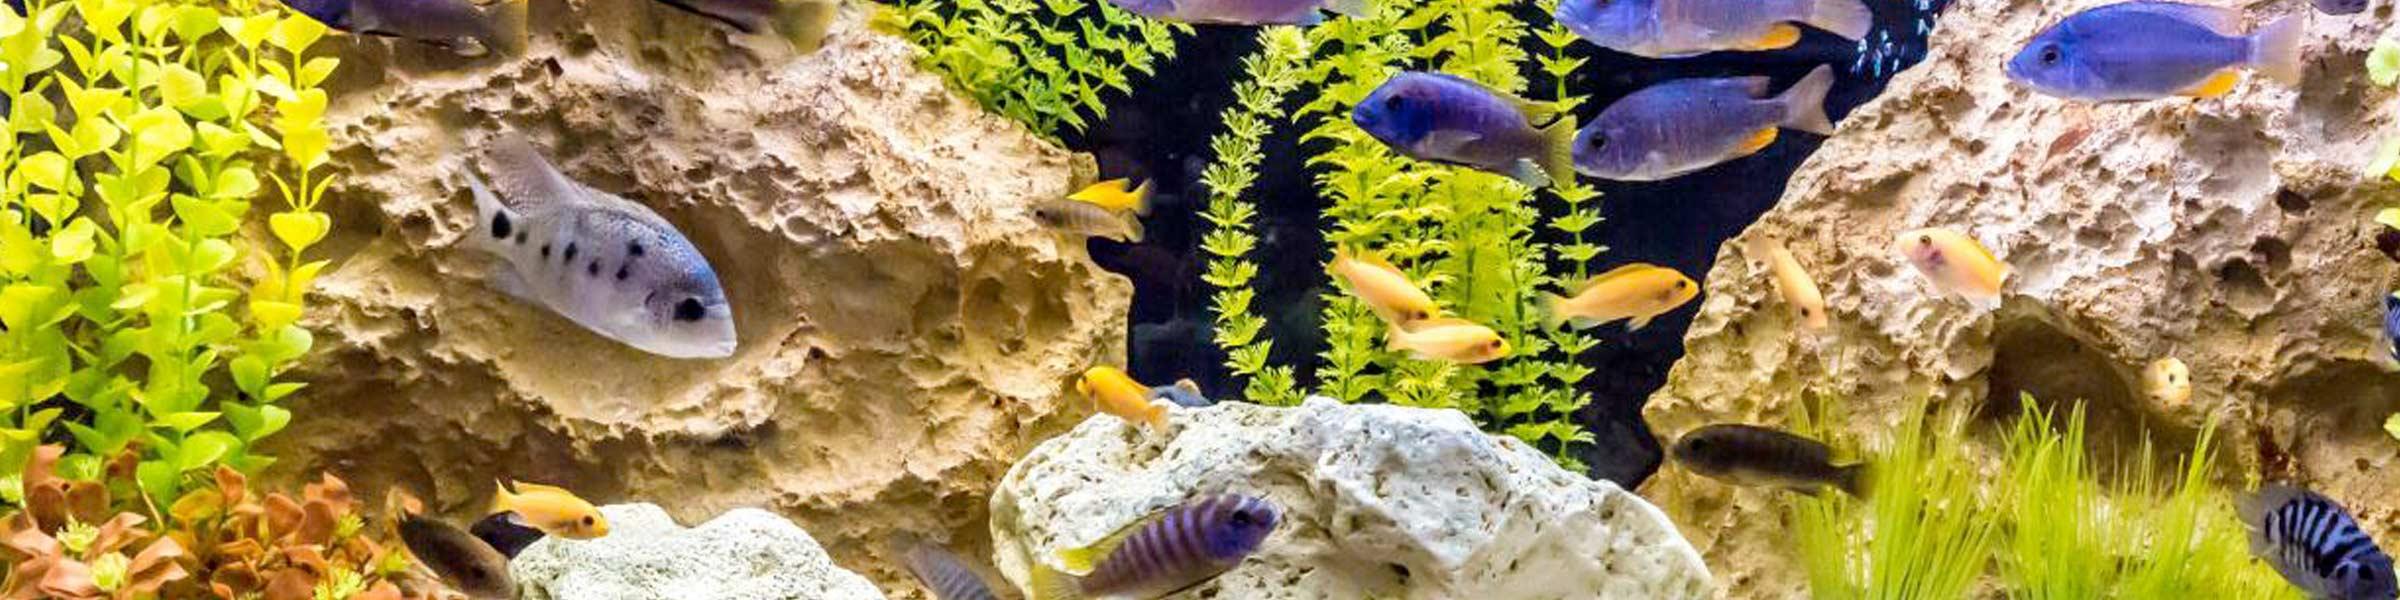 Aquarium Deko Mit Vielfaltigen Moglichkeiten Dehner